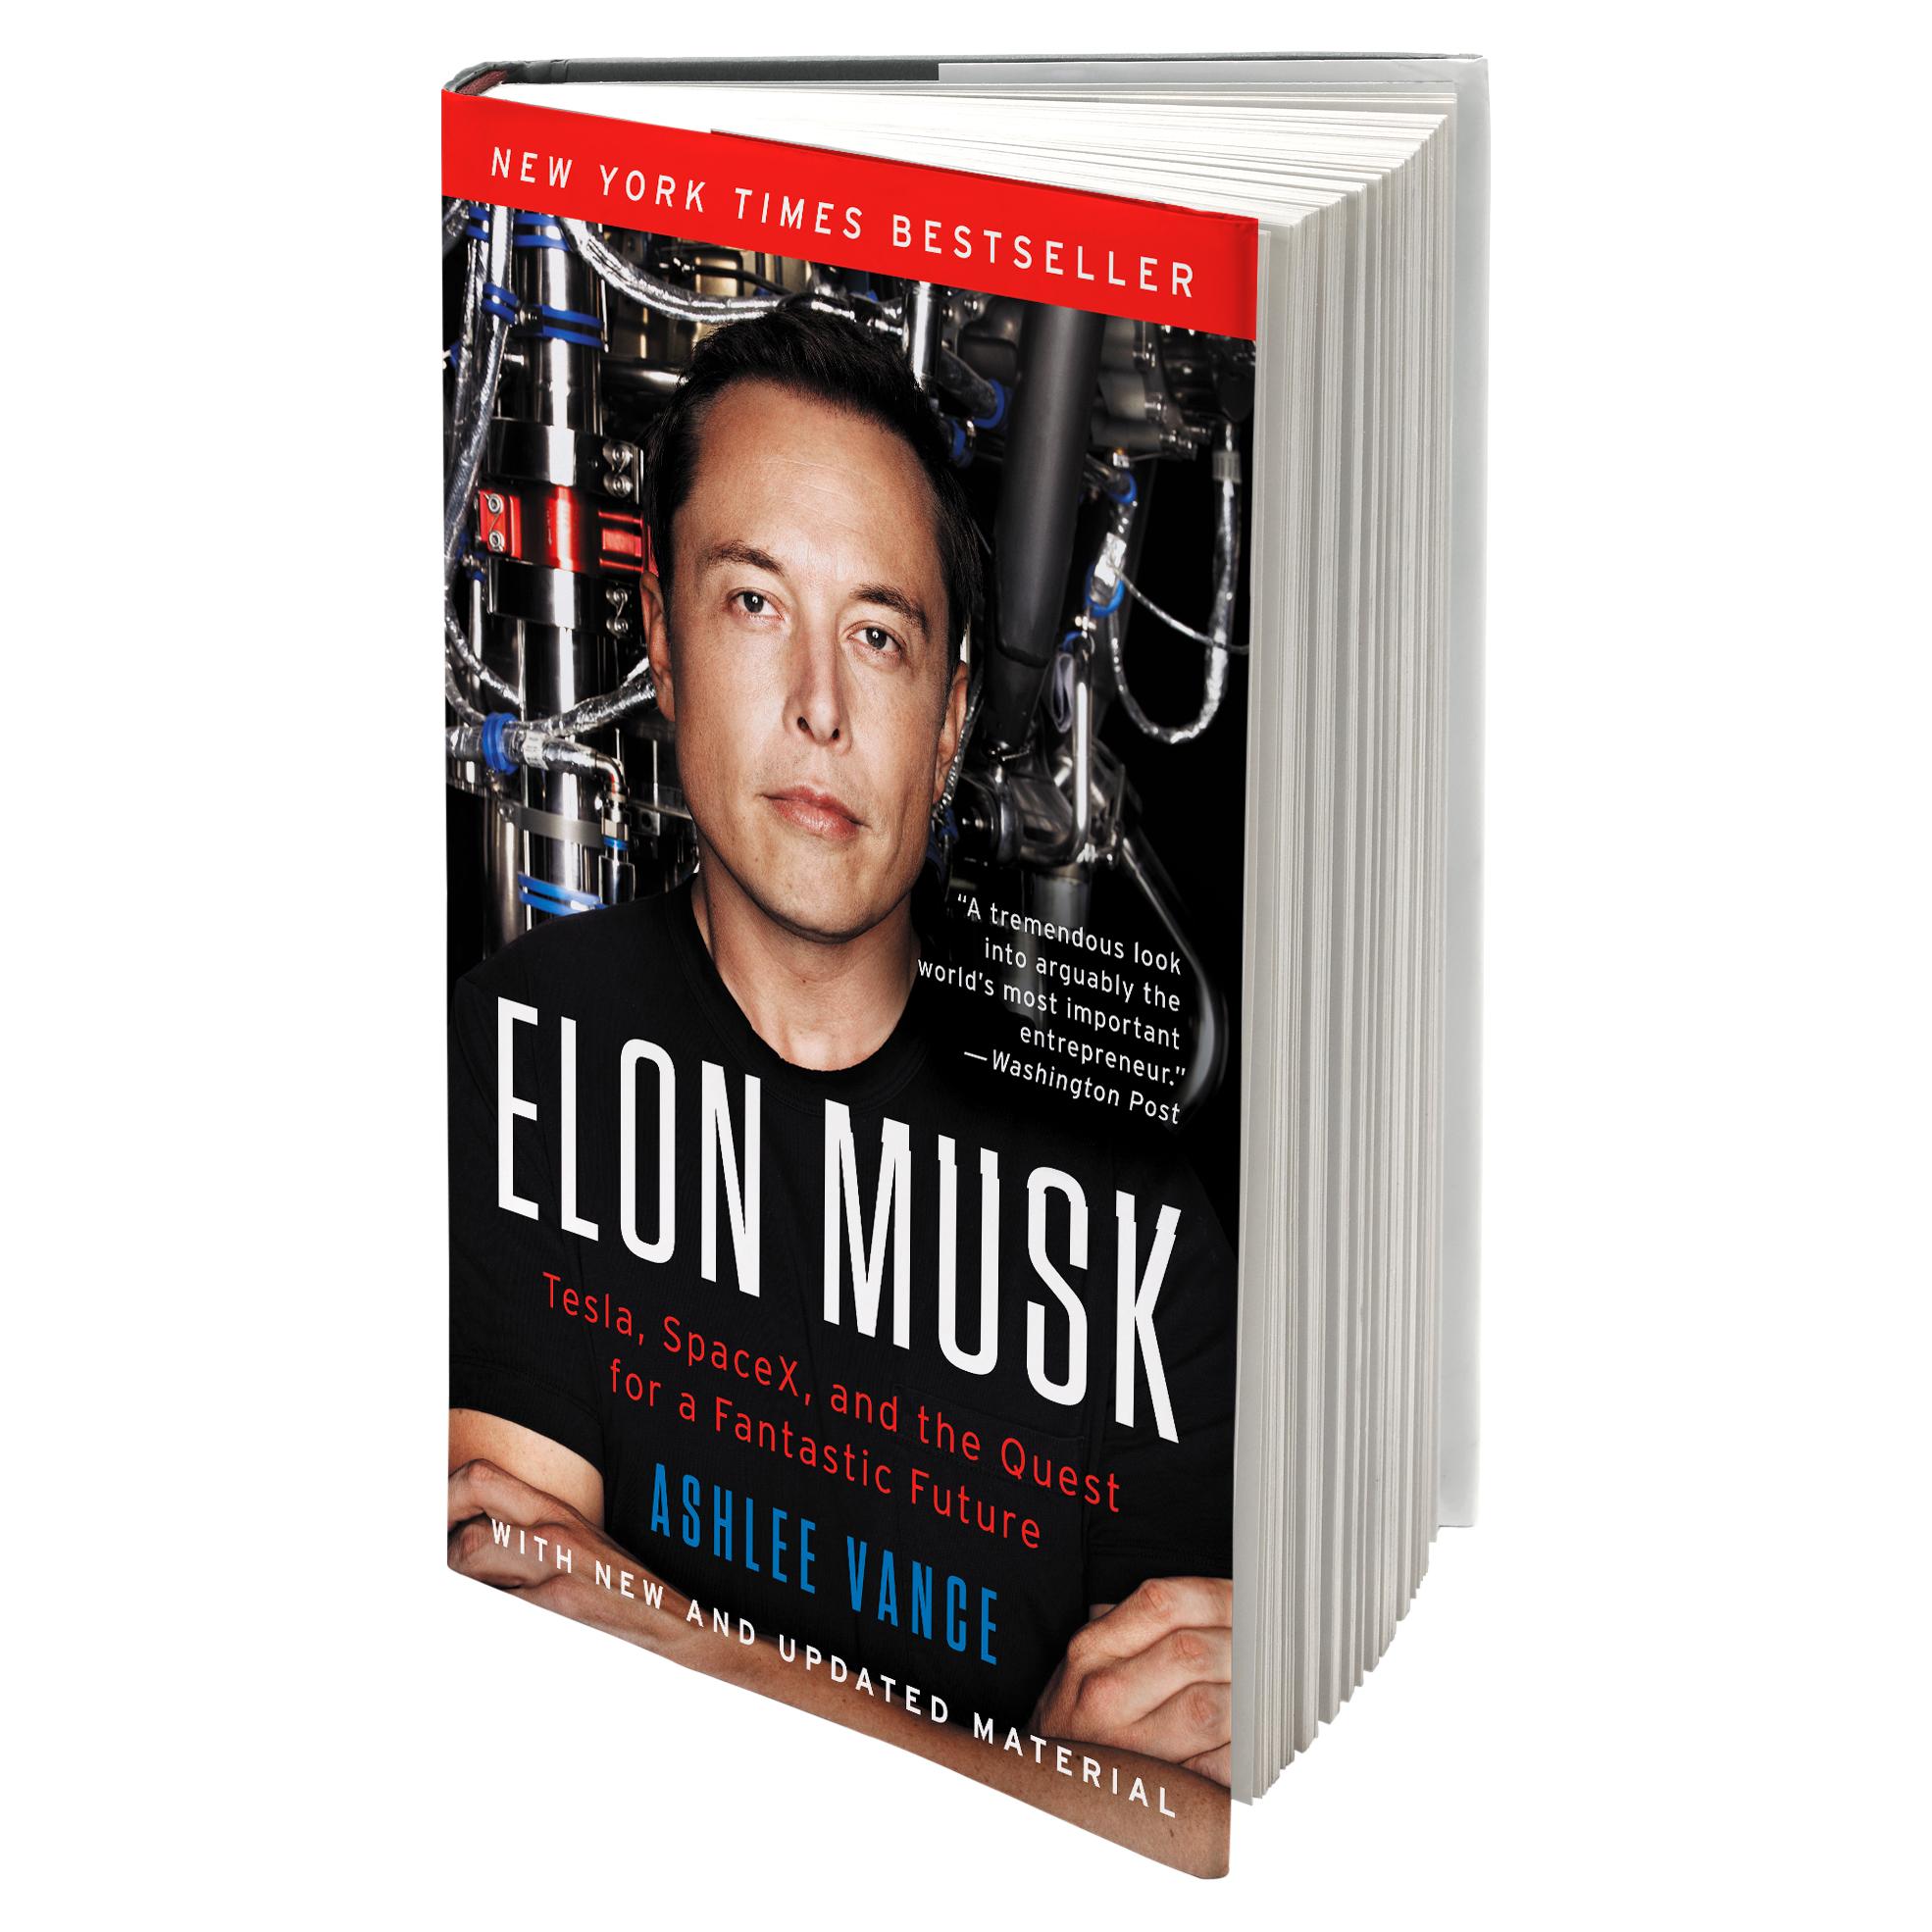 EXE12.15_Elon Musk